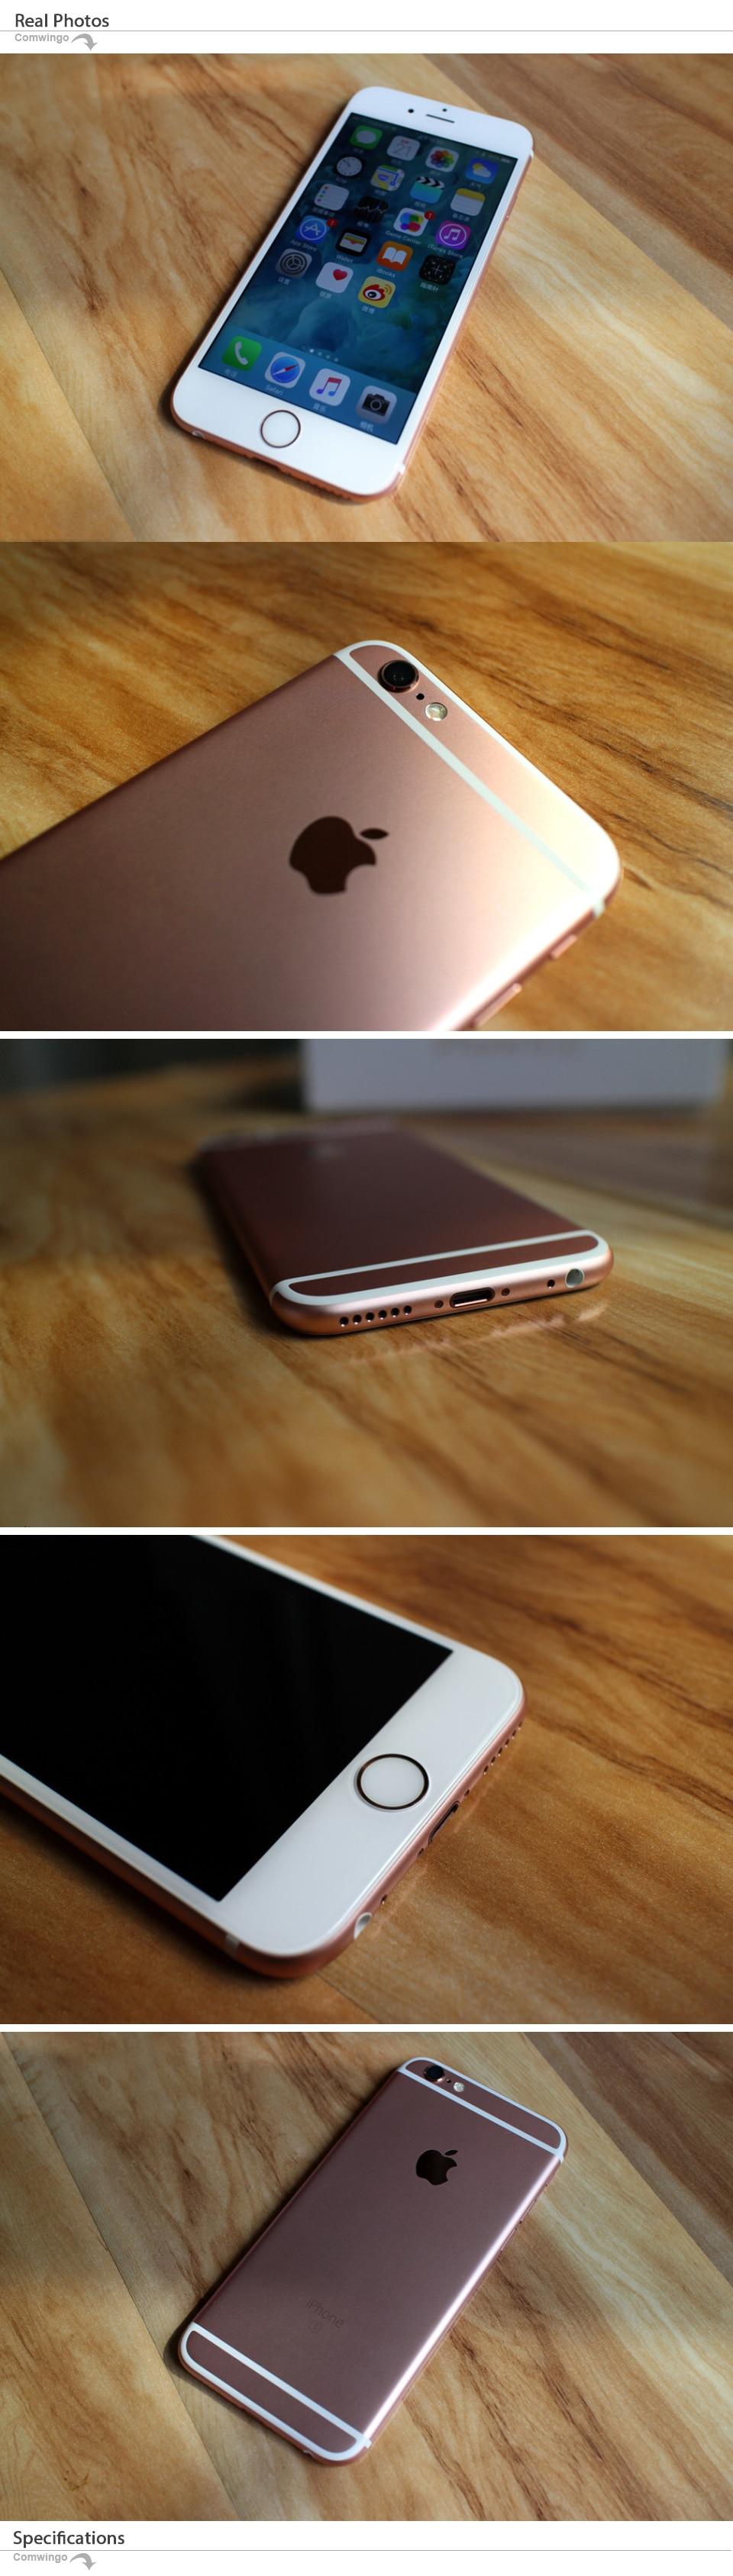 iphone6sP_04